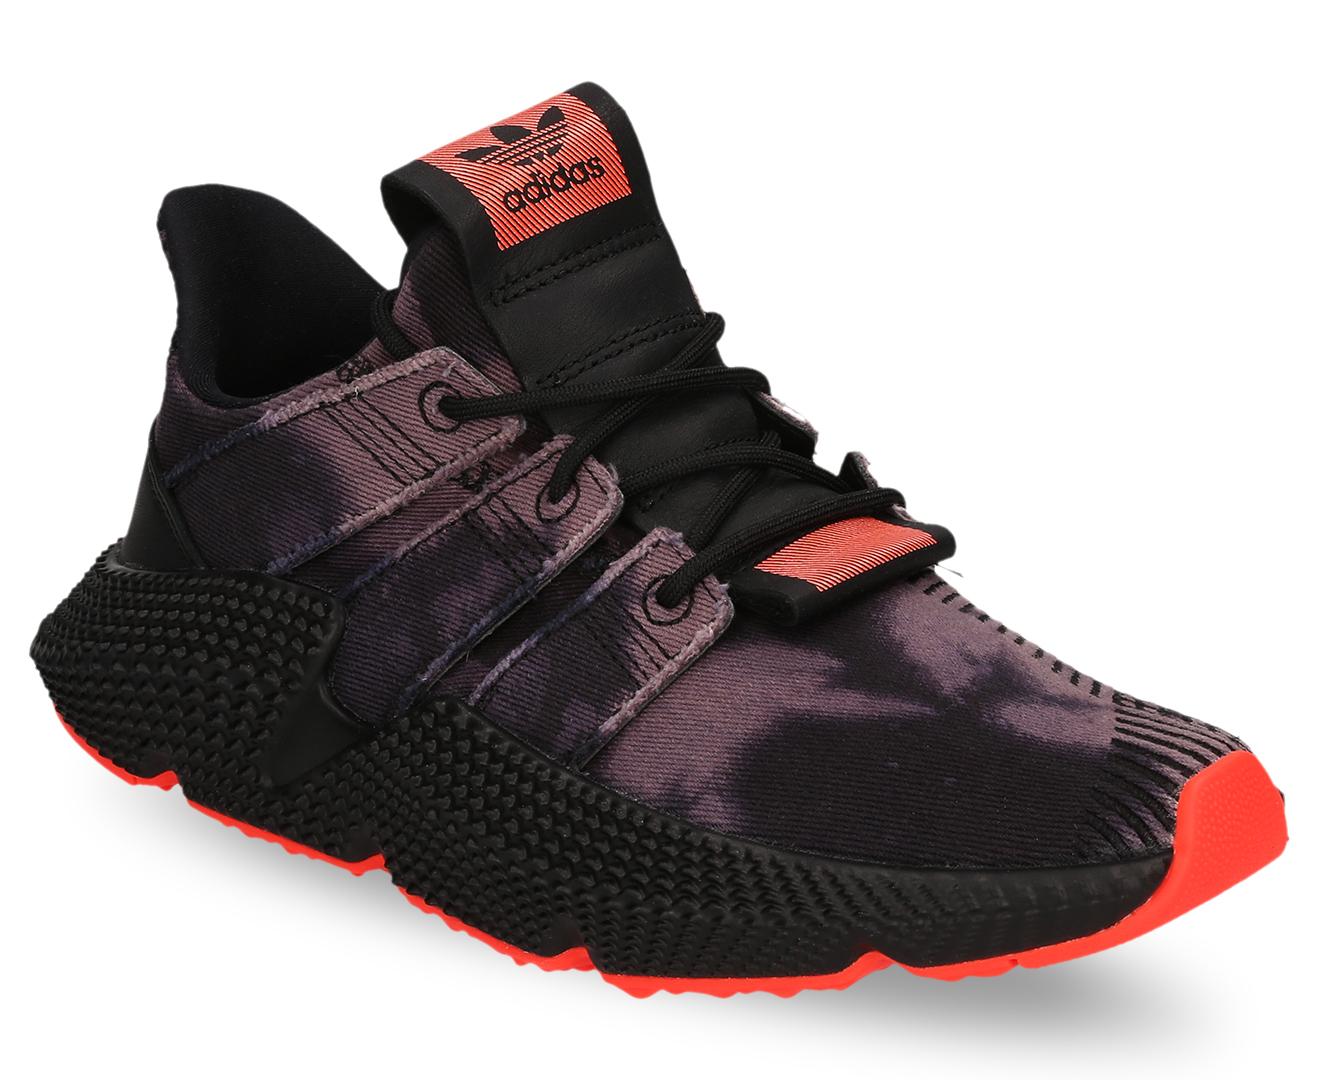 Details about Adidas Originals Womens Prophere Shoe Core BlackCore BlackSolar Red